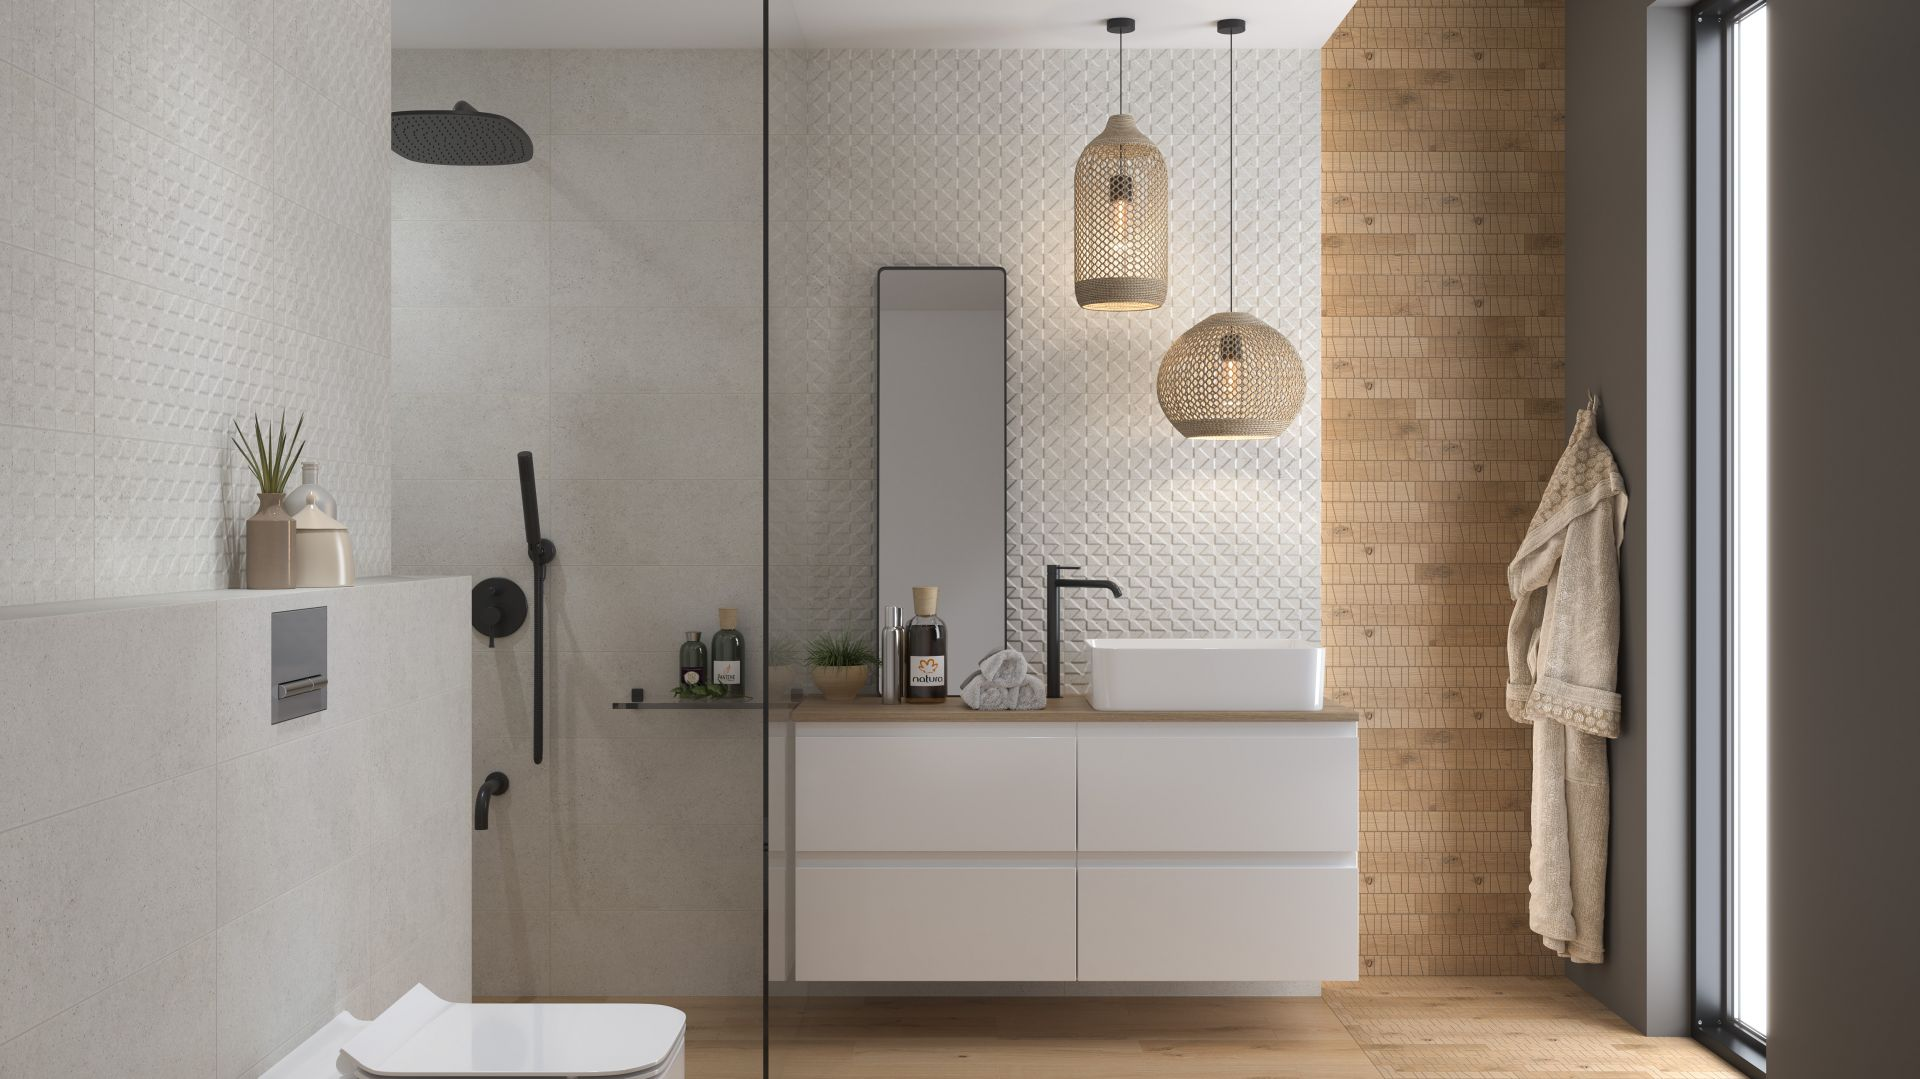 Minimalizm w łazience: płytki ceramiczne z kolekcji Kavir. Fot. Cersanit